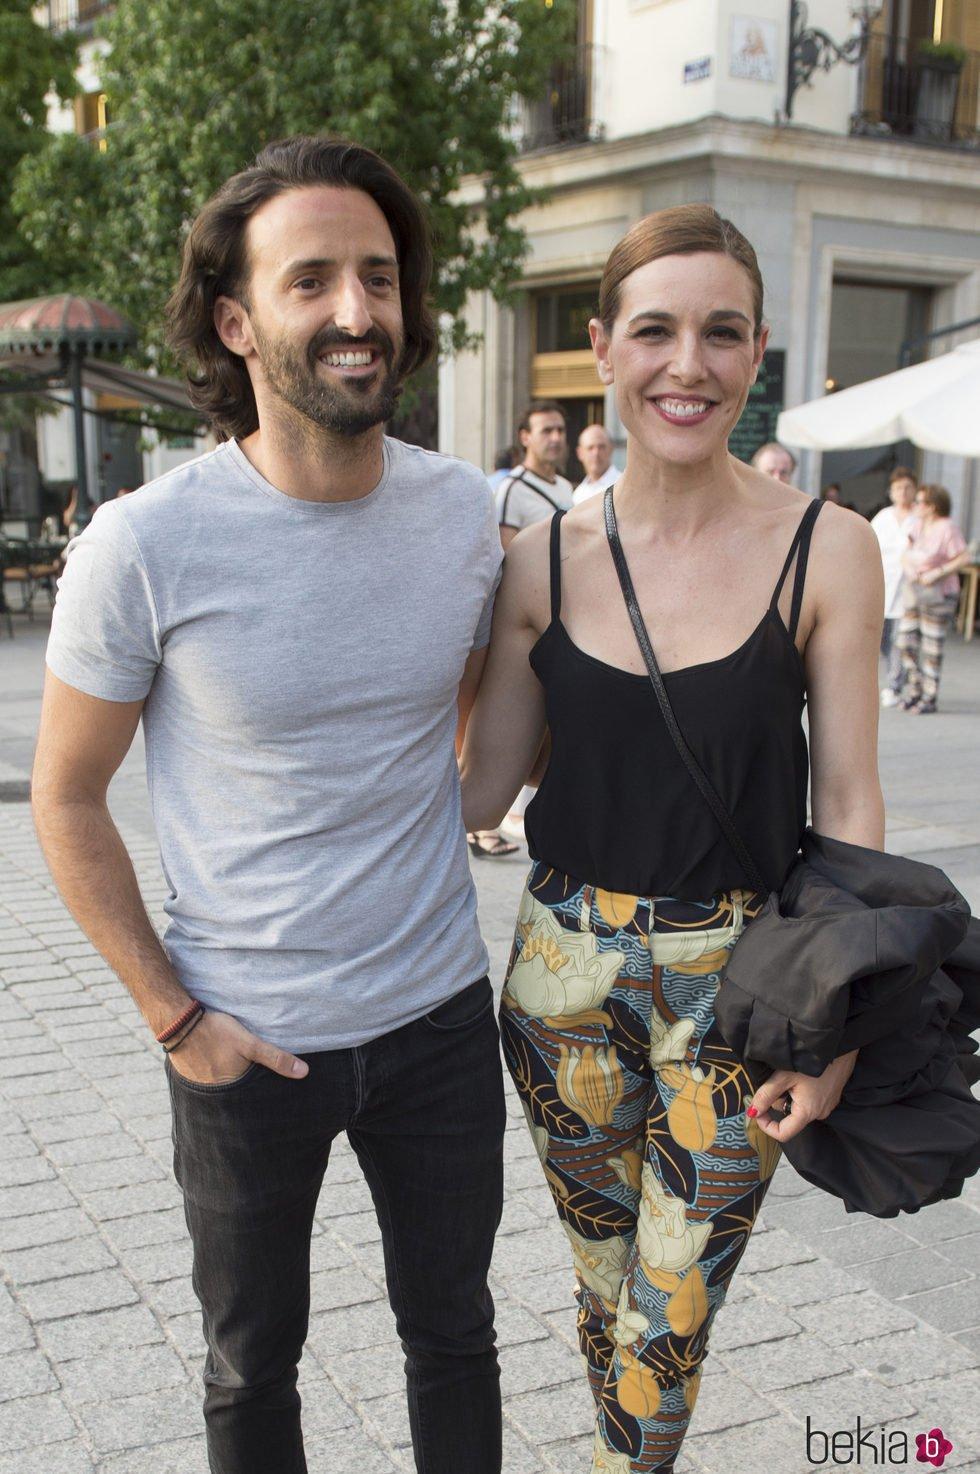 Raquel Sánchez Silva y su novio Matias Dumont asisten al concierto de Sting en Madrid